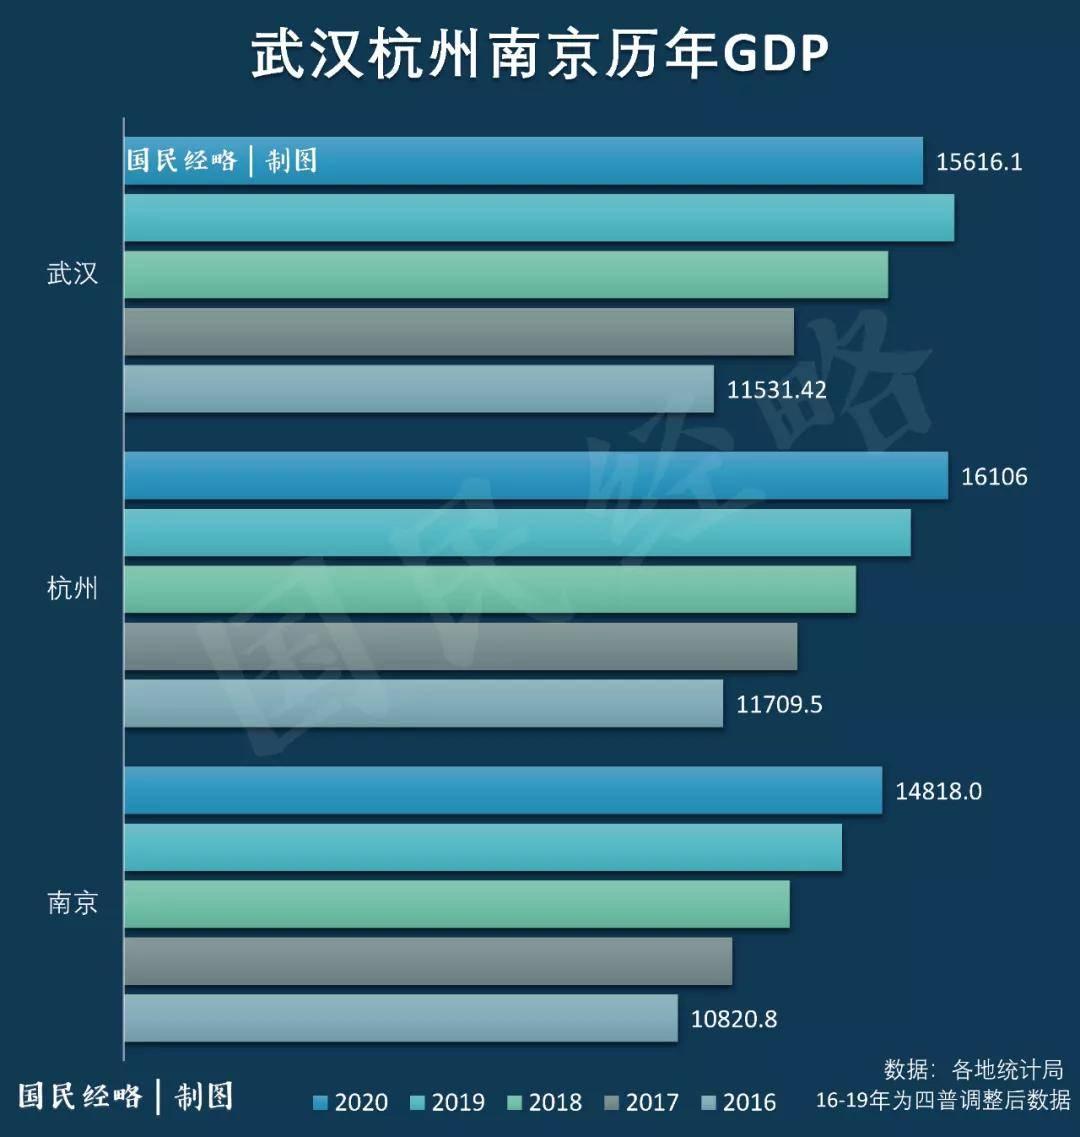 新乡市gdp排名2021年_新乡,周口市与九江市,一季度的GDP排名如何